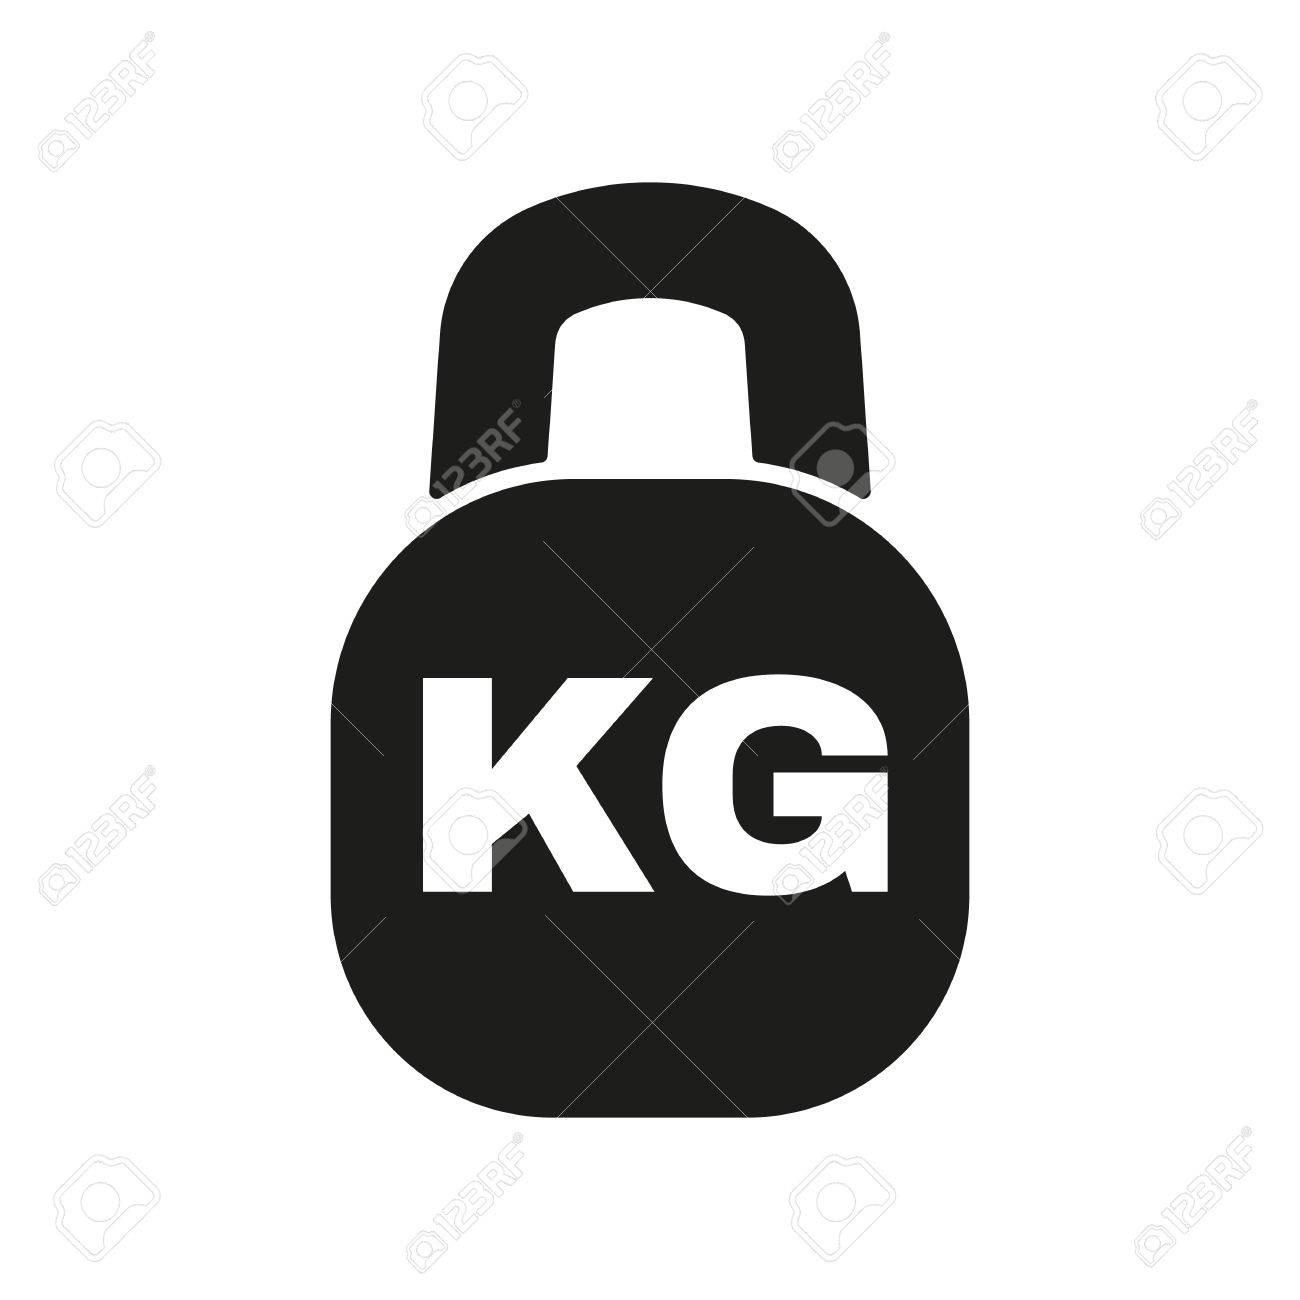 キログラムのアイコン。Kg と重...